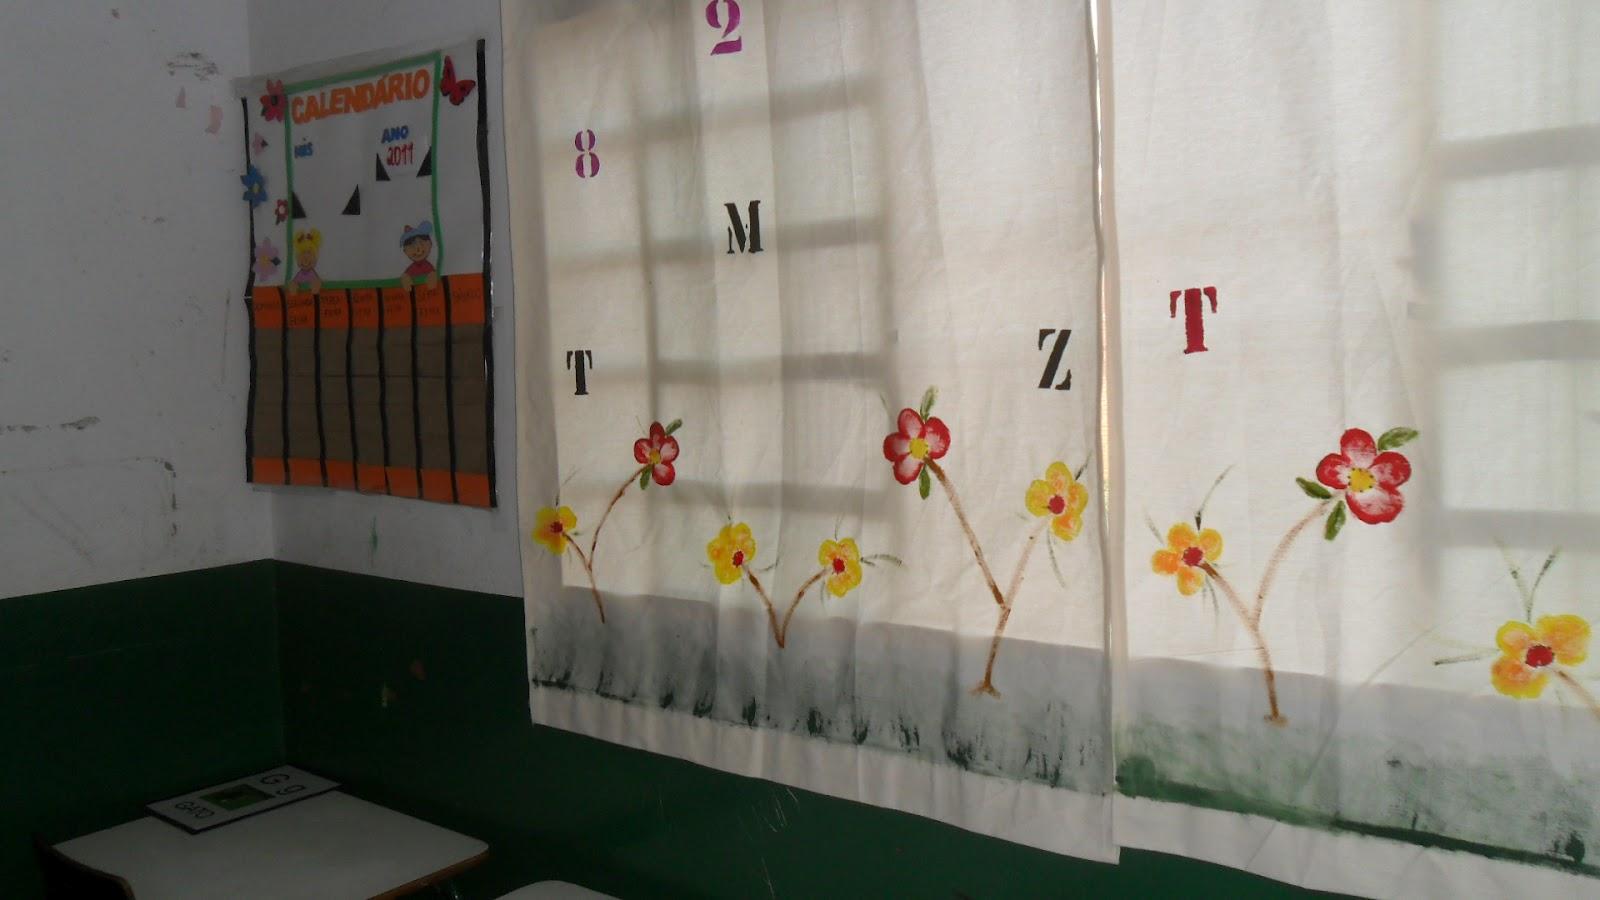 Escola municipal doce saber fevereiro 2012 for Cortinas para aulas